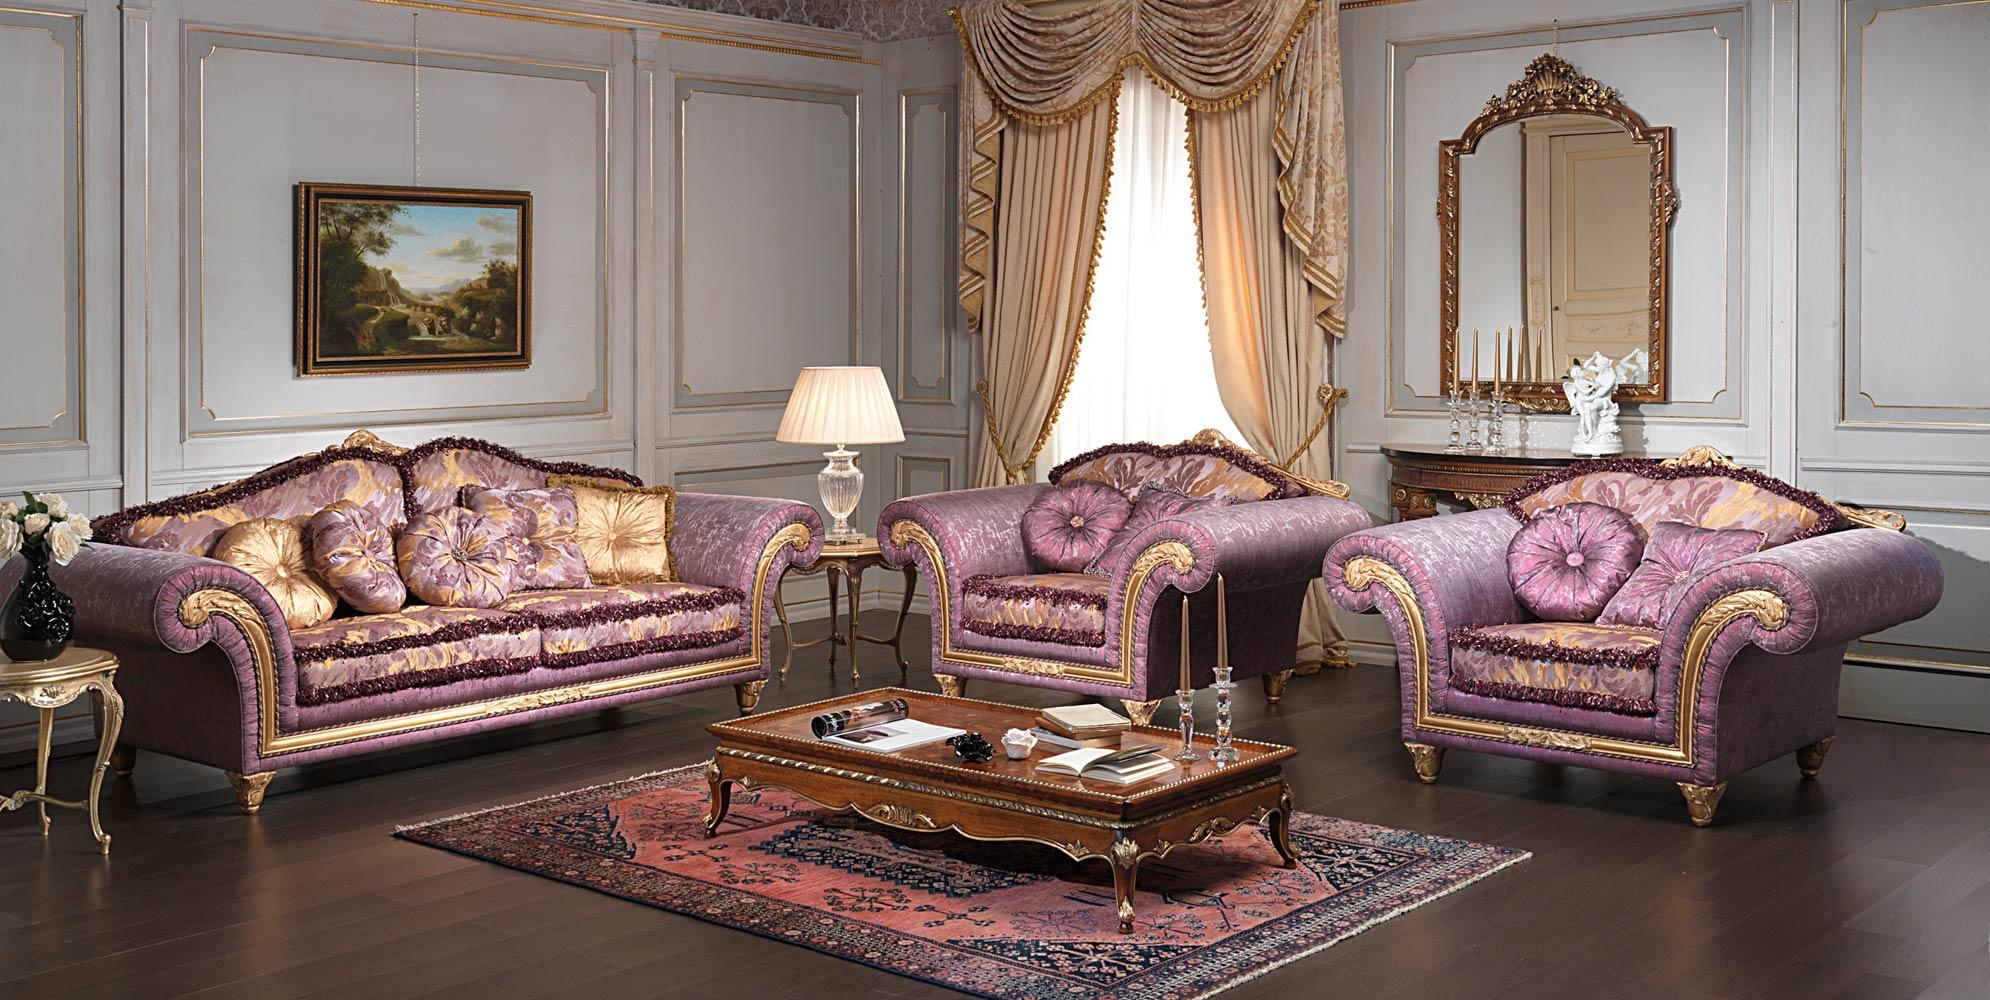 Classic Luxury Living Room Imperial Vimercati Classic